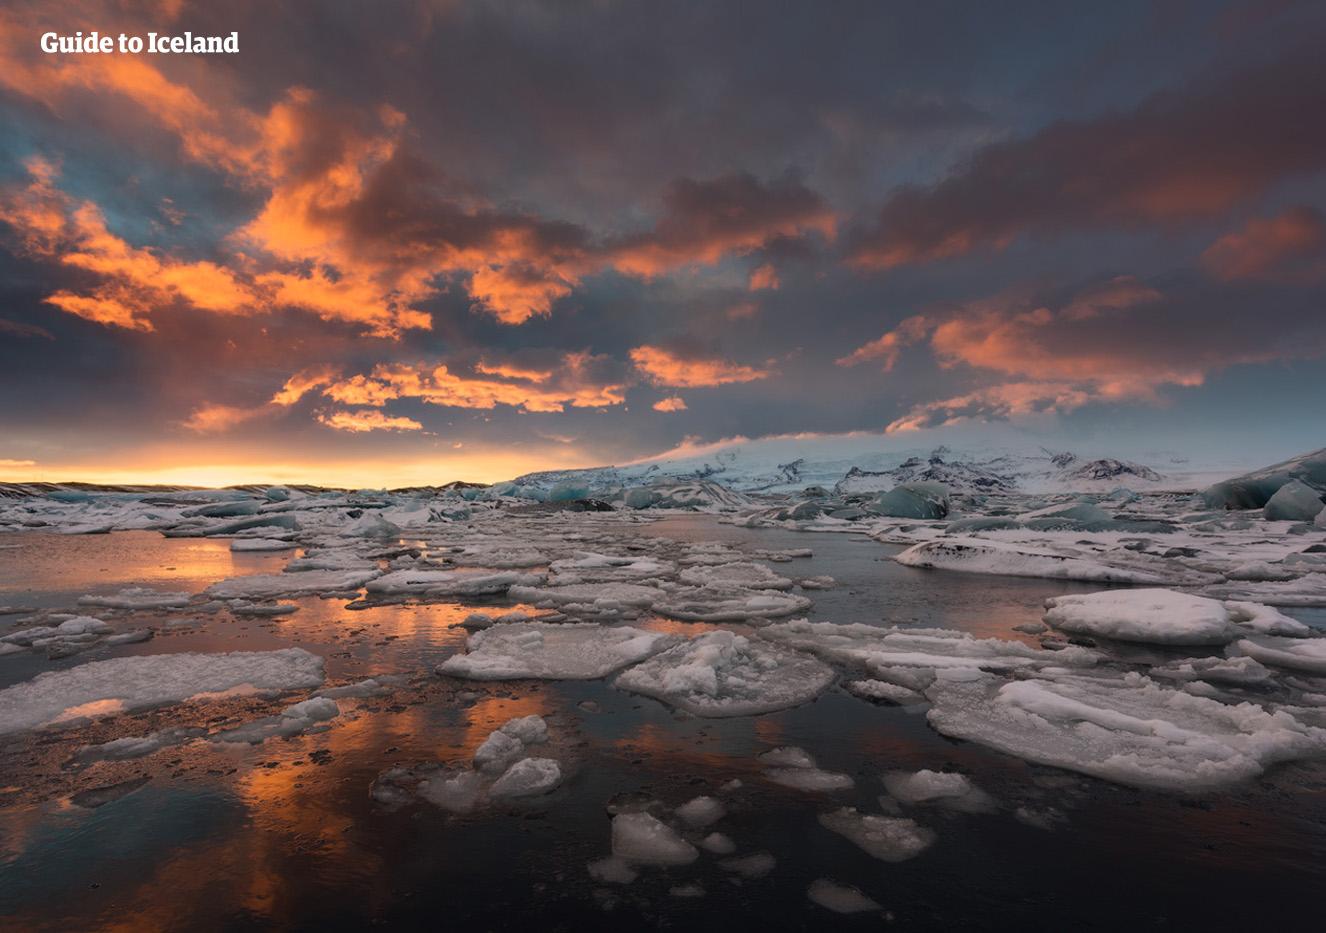 8-dniowe wakacje z samodzielną jazdą na południowym wybrzeżu Islandii i interiorem - day 5